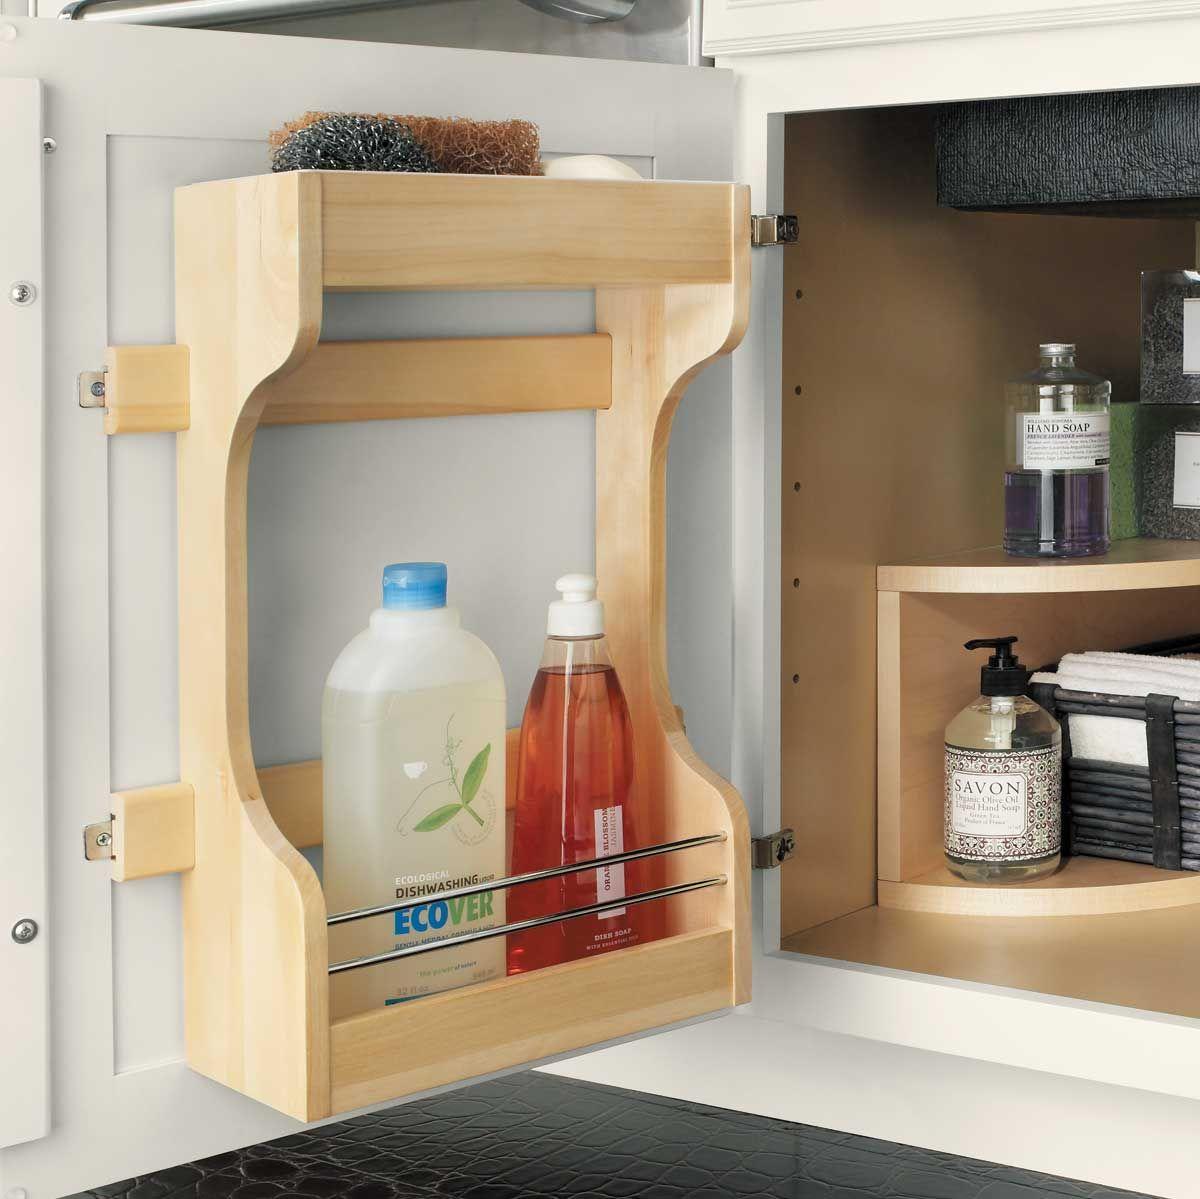 Kitchen Cabinet Organization | Waypoint Living Spaces